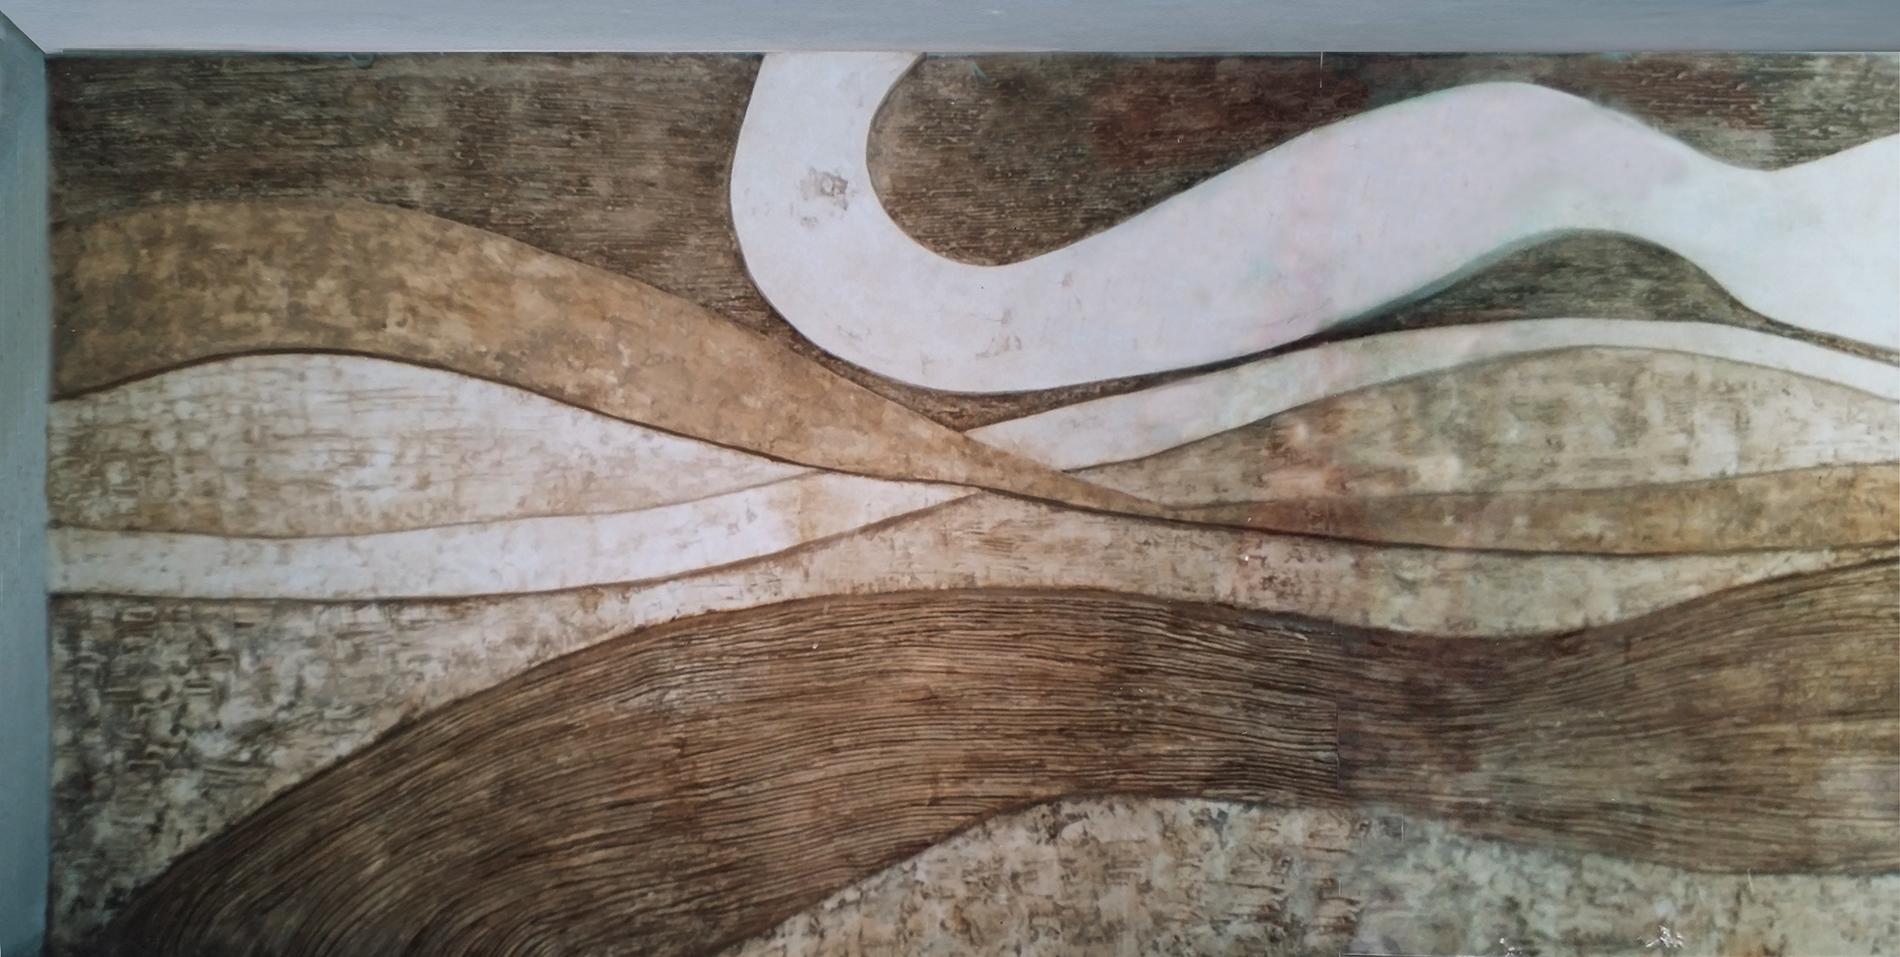 2006 Hall Hotel Santo Stefano Sardegna Gesso modellato su multistrato. Colorazione con pigmenti Mq 24, archetipo, astrazione organica, bassissimo rilievo, bassorilievo, hall, hotel, hotel sardegna, gesso modellato, graffiti, mito, organica, pigmenti, texture, flusso, onde